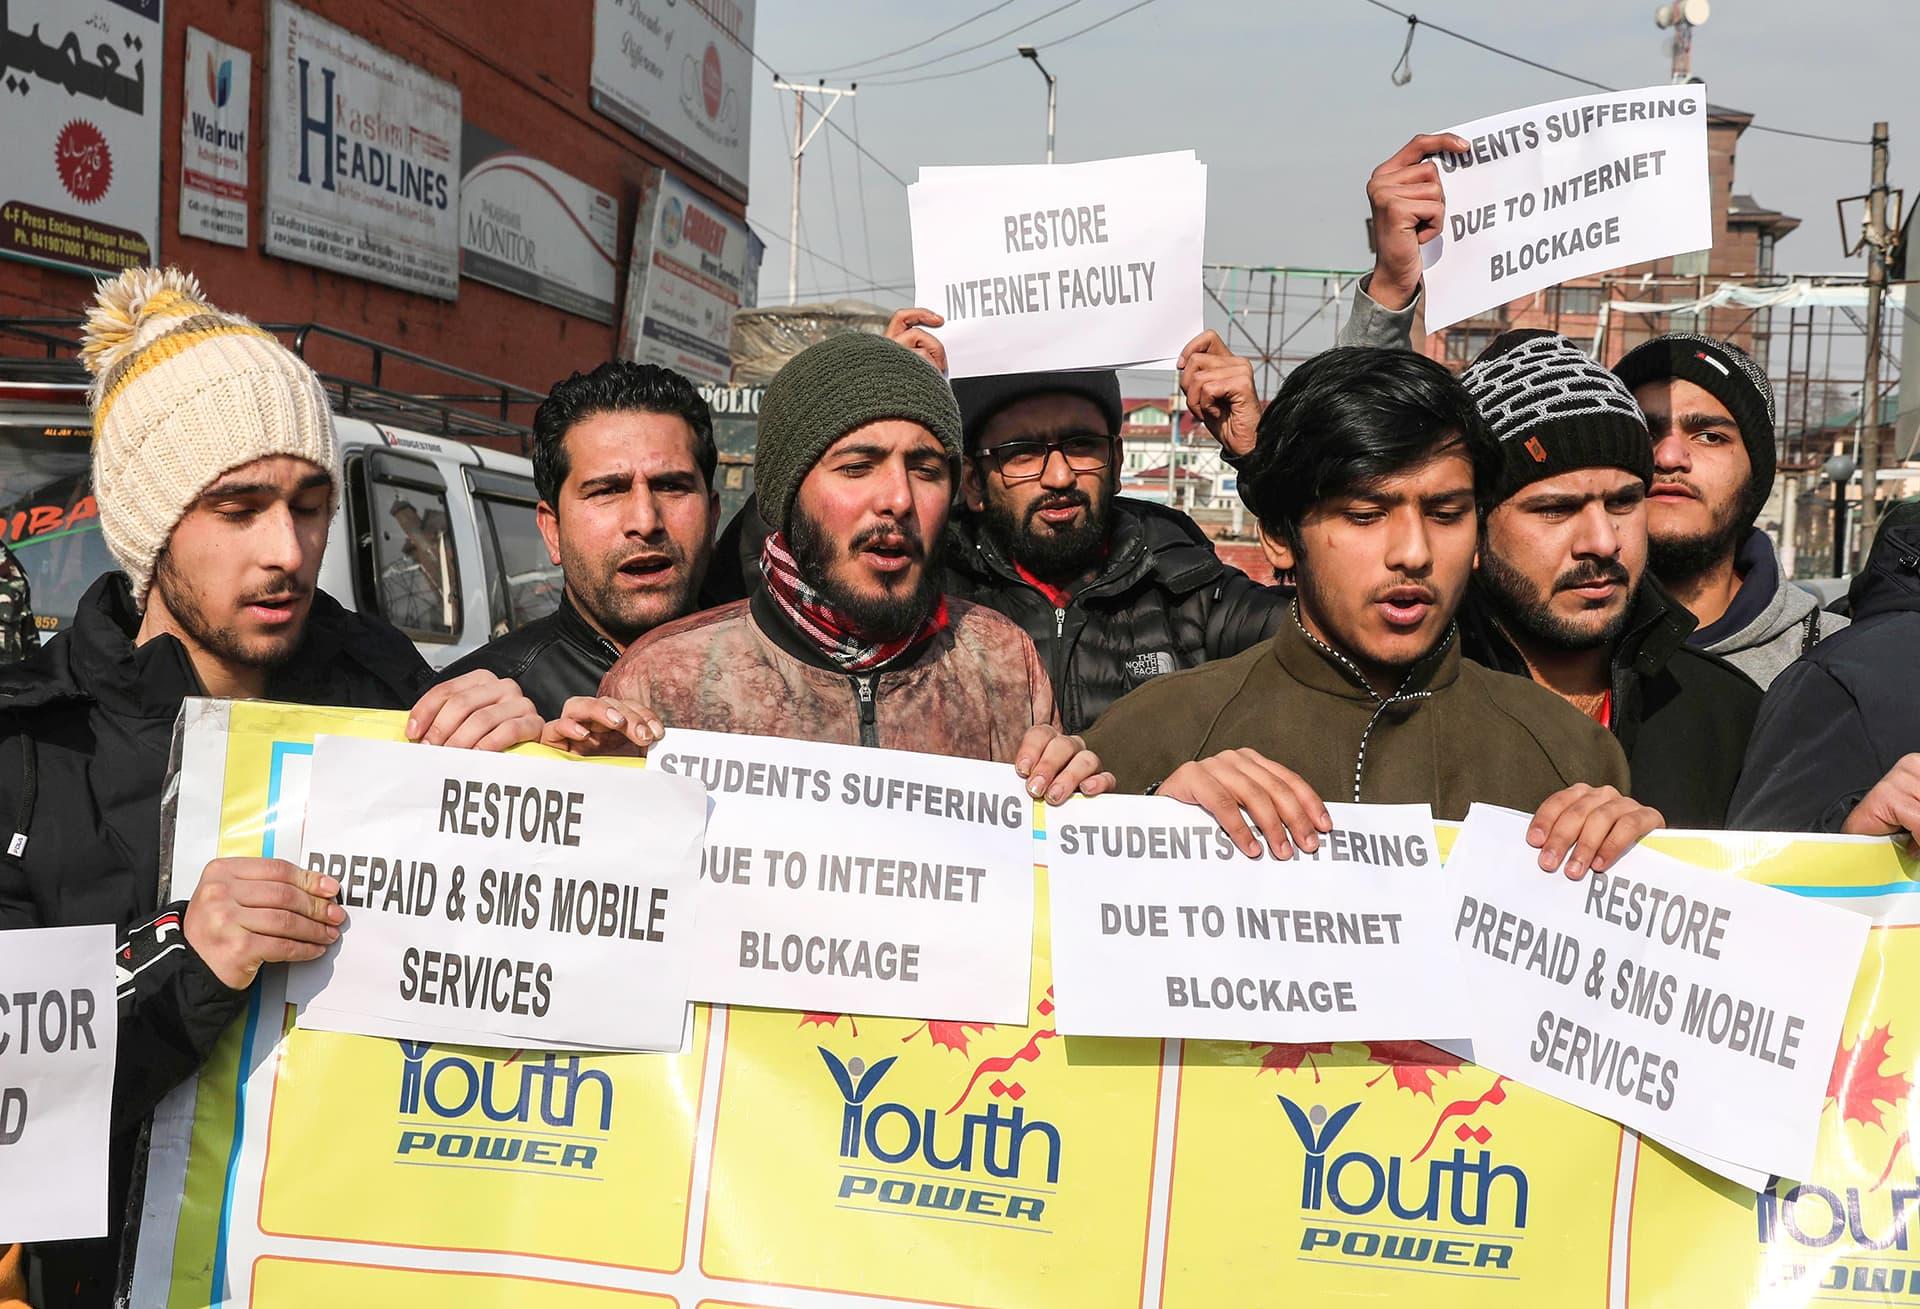 Kashmirilaiset nuoret pitävät kylttejä joissa kritisoidaan puhelin- ja internetpalveluiden katkaisemista.